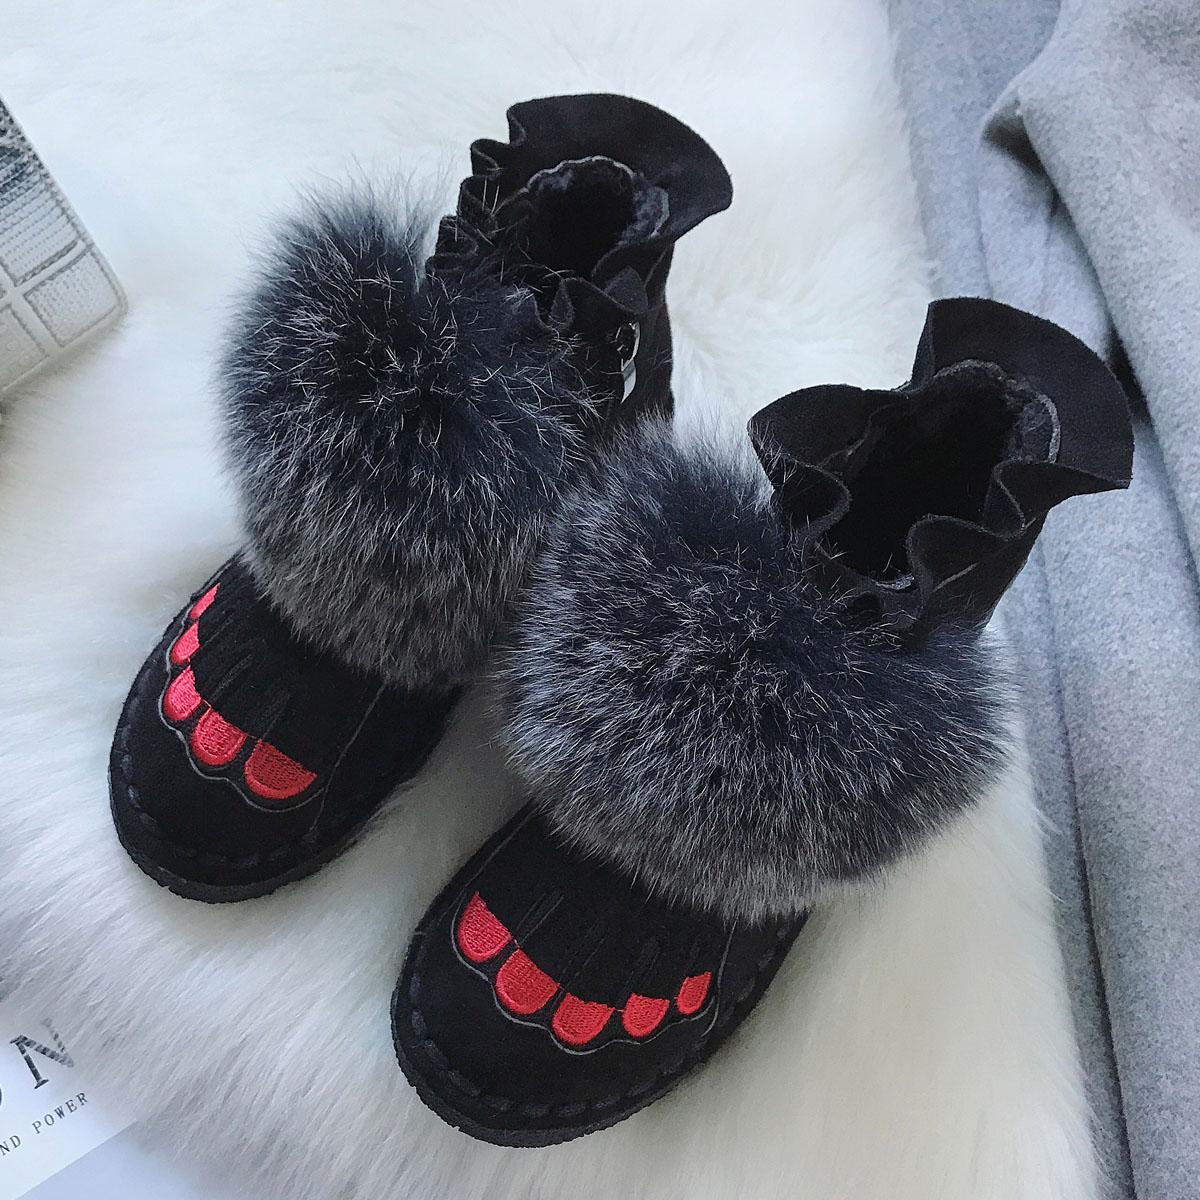 毛毛女短靴2018冬季新款加绒棉鞋平底百搭韩版厚底雪地毛狐狸棉靴